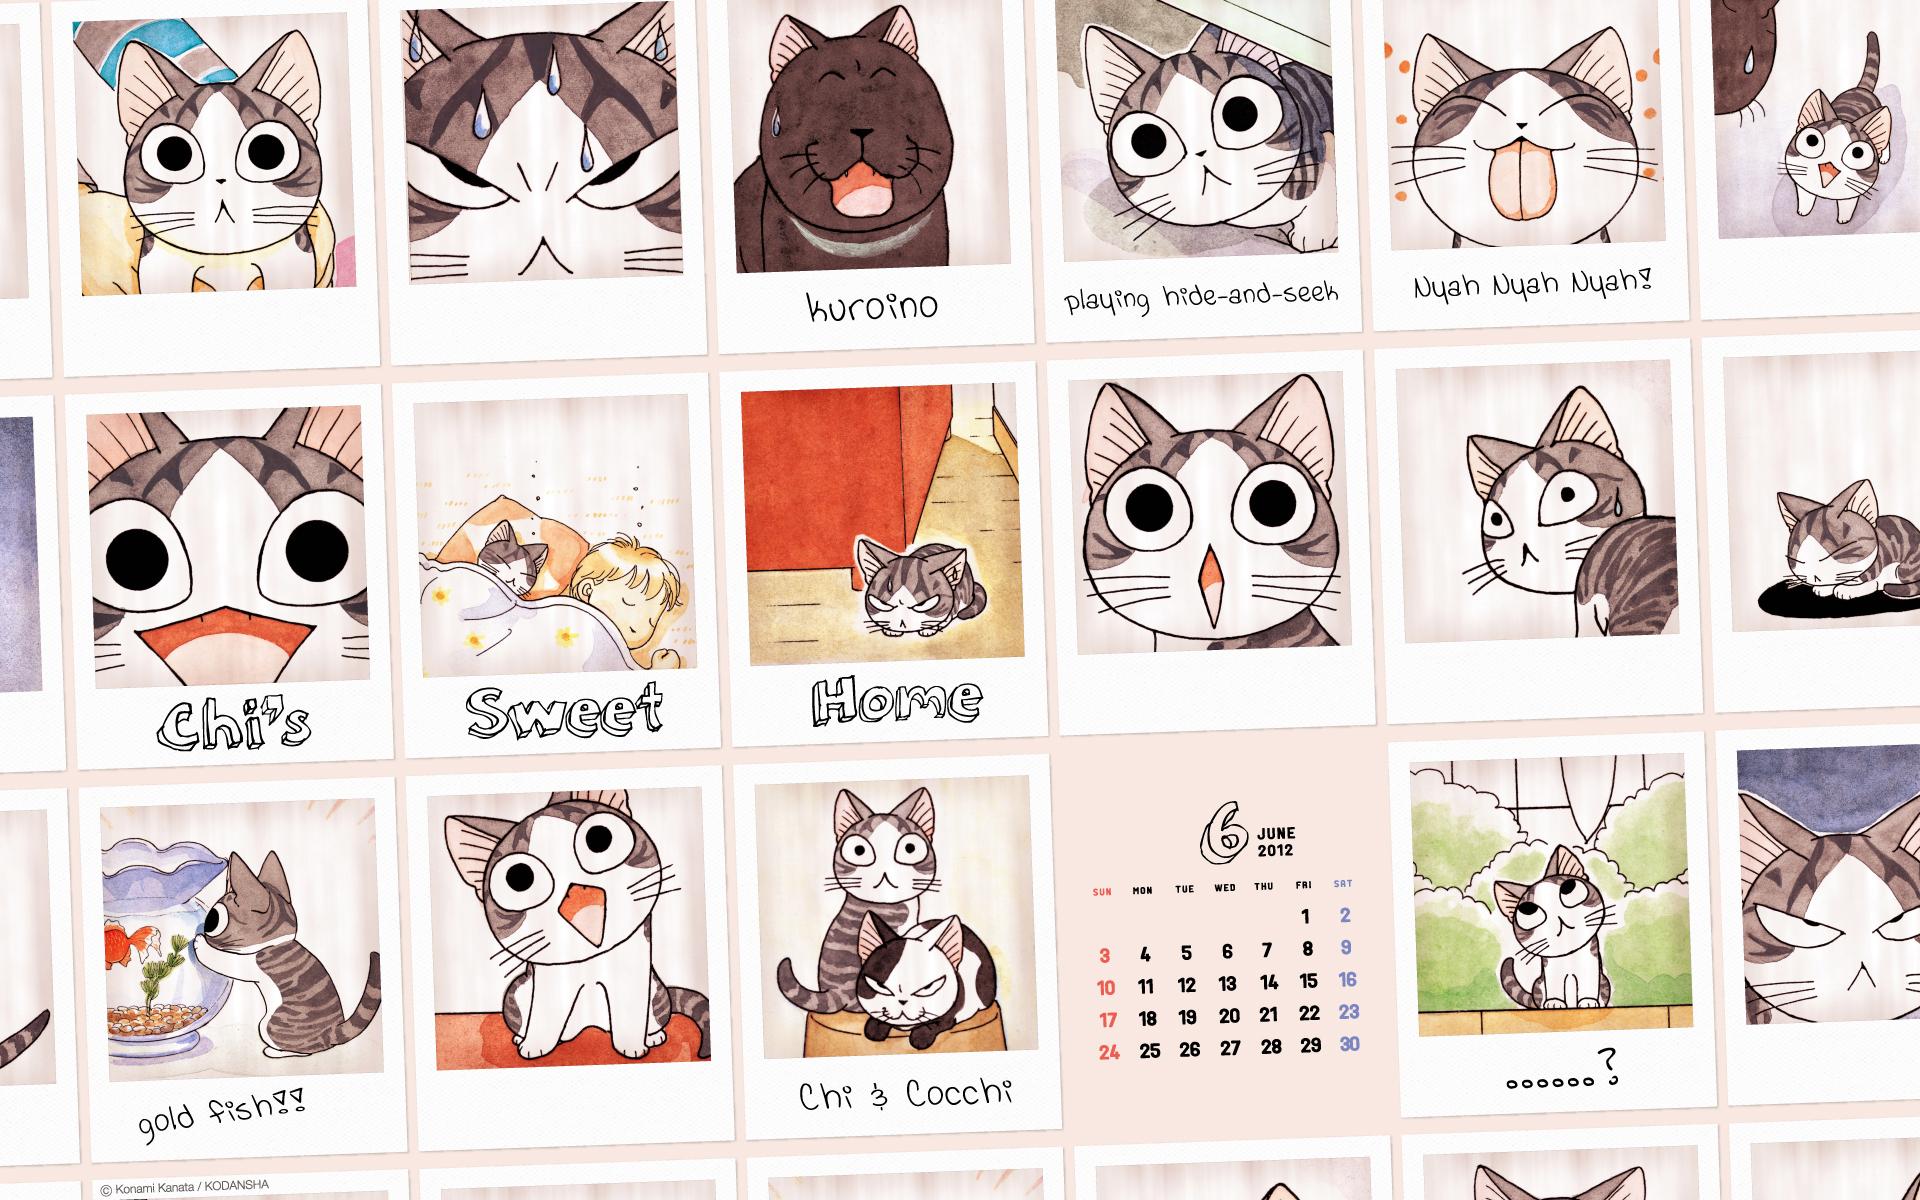 好多只小起!《甜甜私房猫》6月日历壁纸一枚送到!